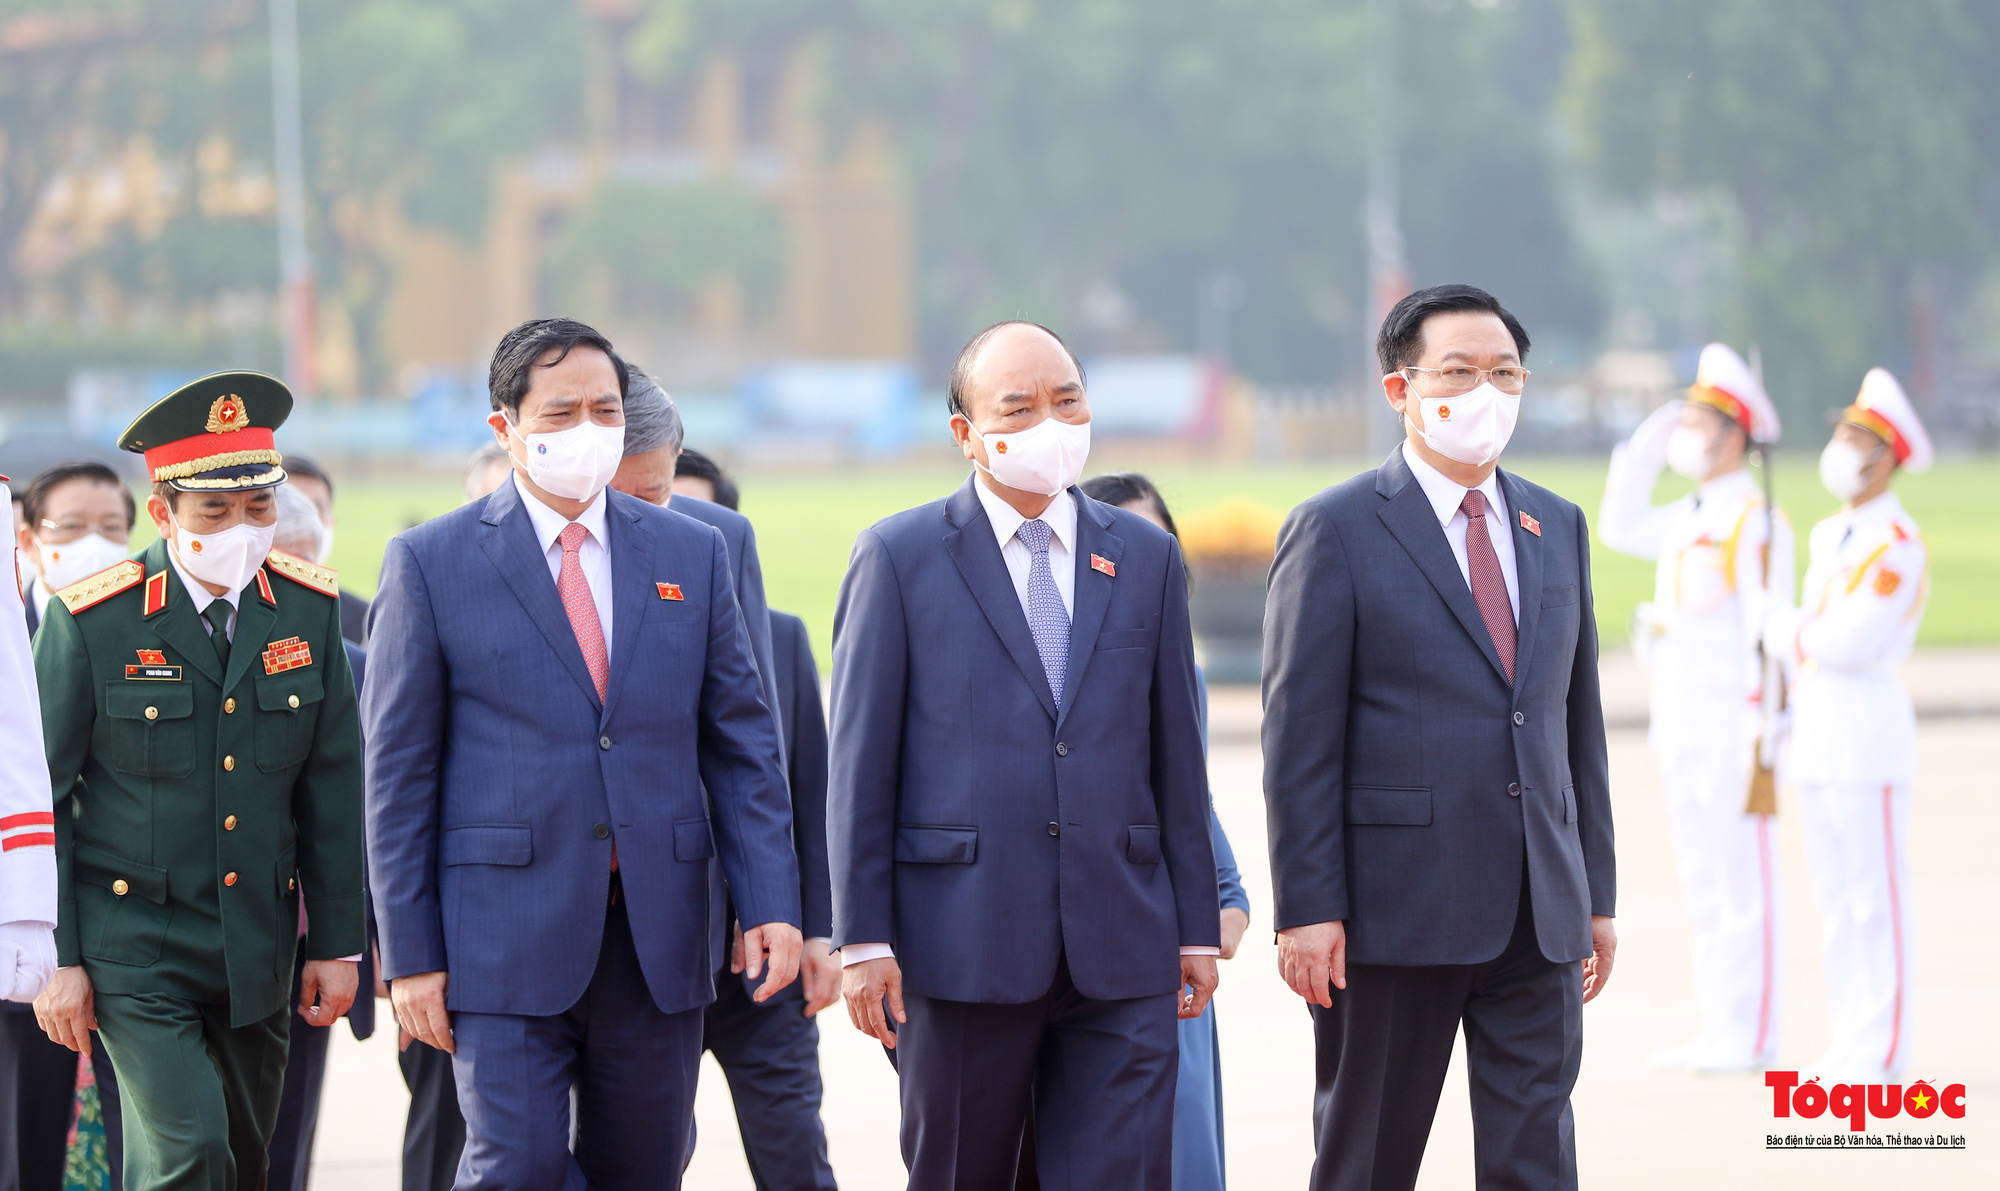 Lãnh đạo Đảng, Nhà nước và các đại biểu Quốc hội khóa XV vào Lăng viếng Chủ tịch Hồ Chí Minh - Ảnh 4.